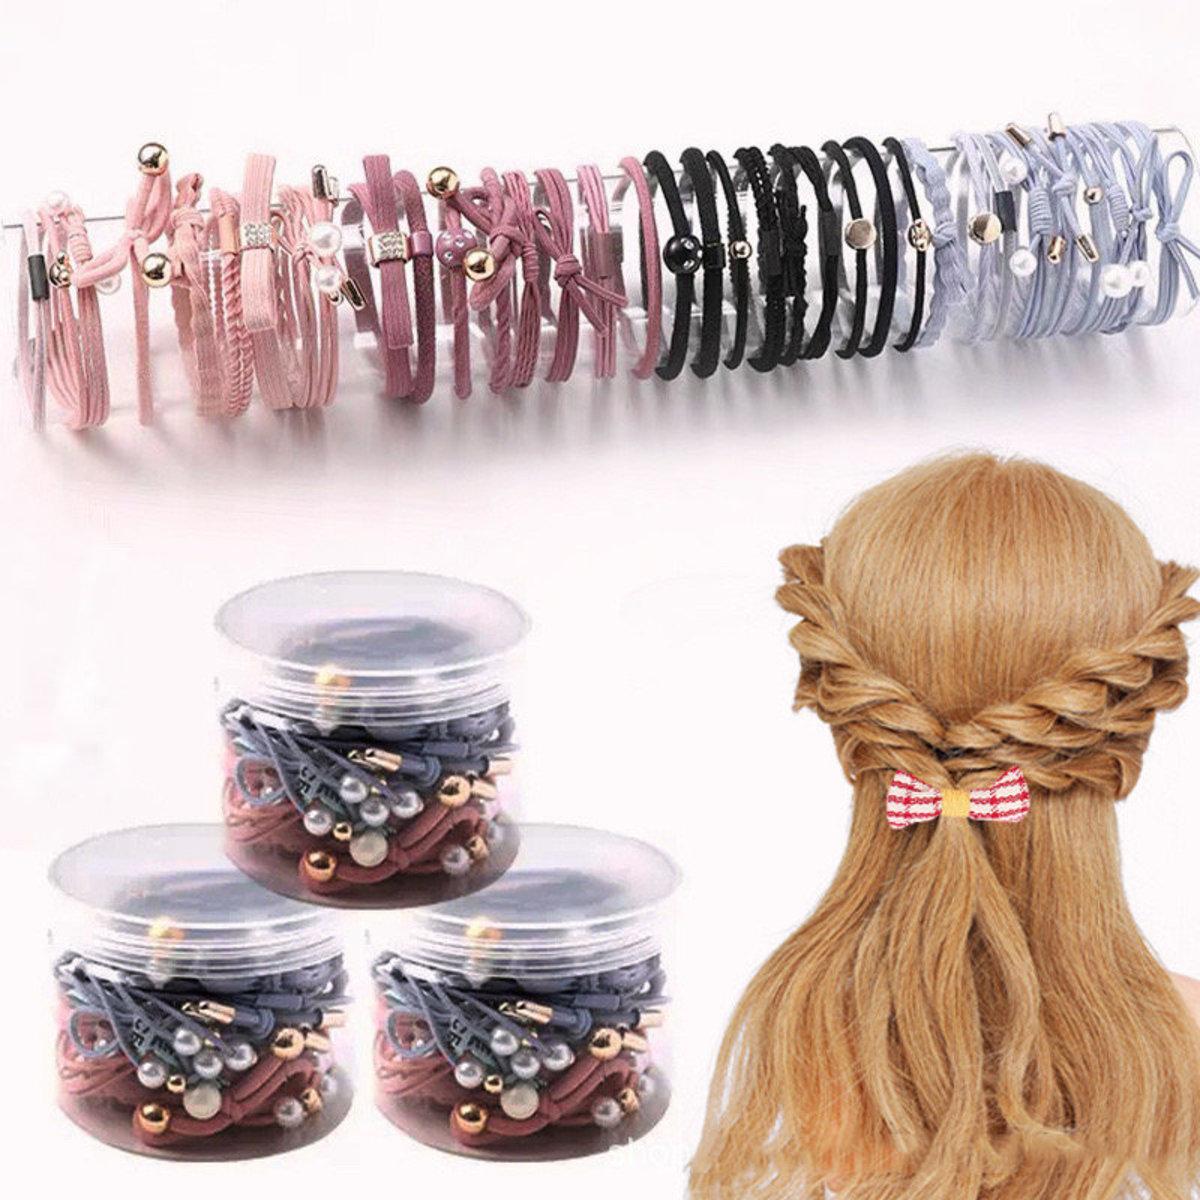 韓版頭繩套裝盒裝可愛發繩女成人紮頭髮小飾品皮筋髮圈【2色35件套盒裝】